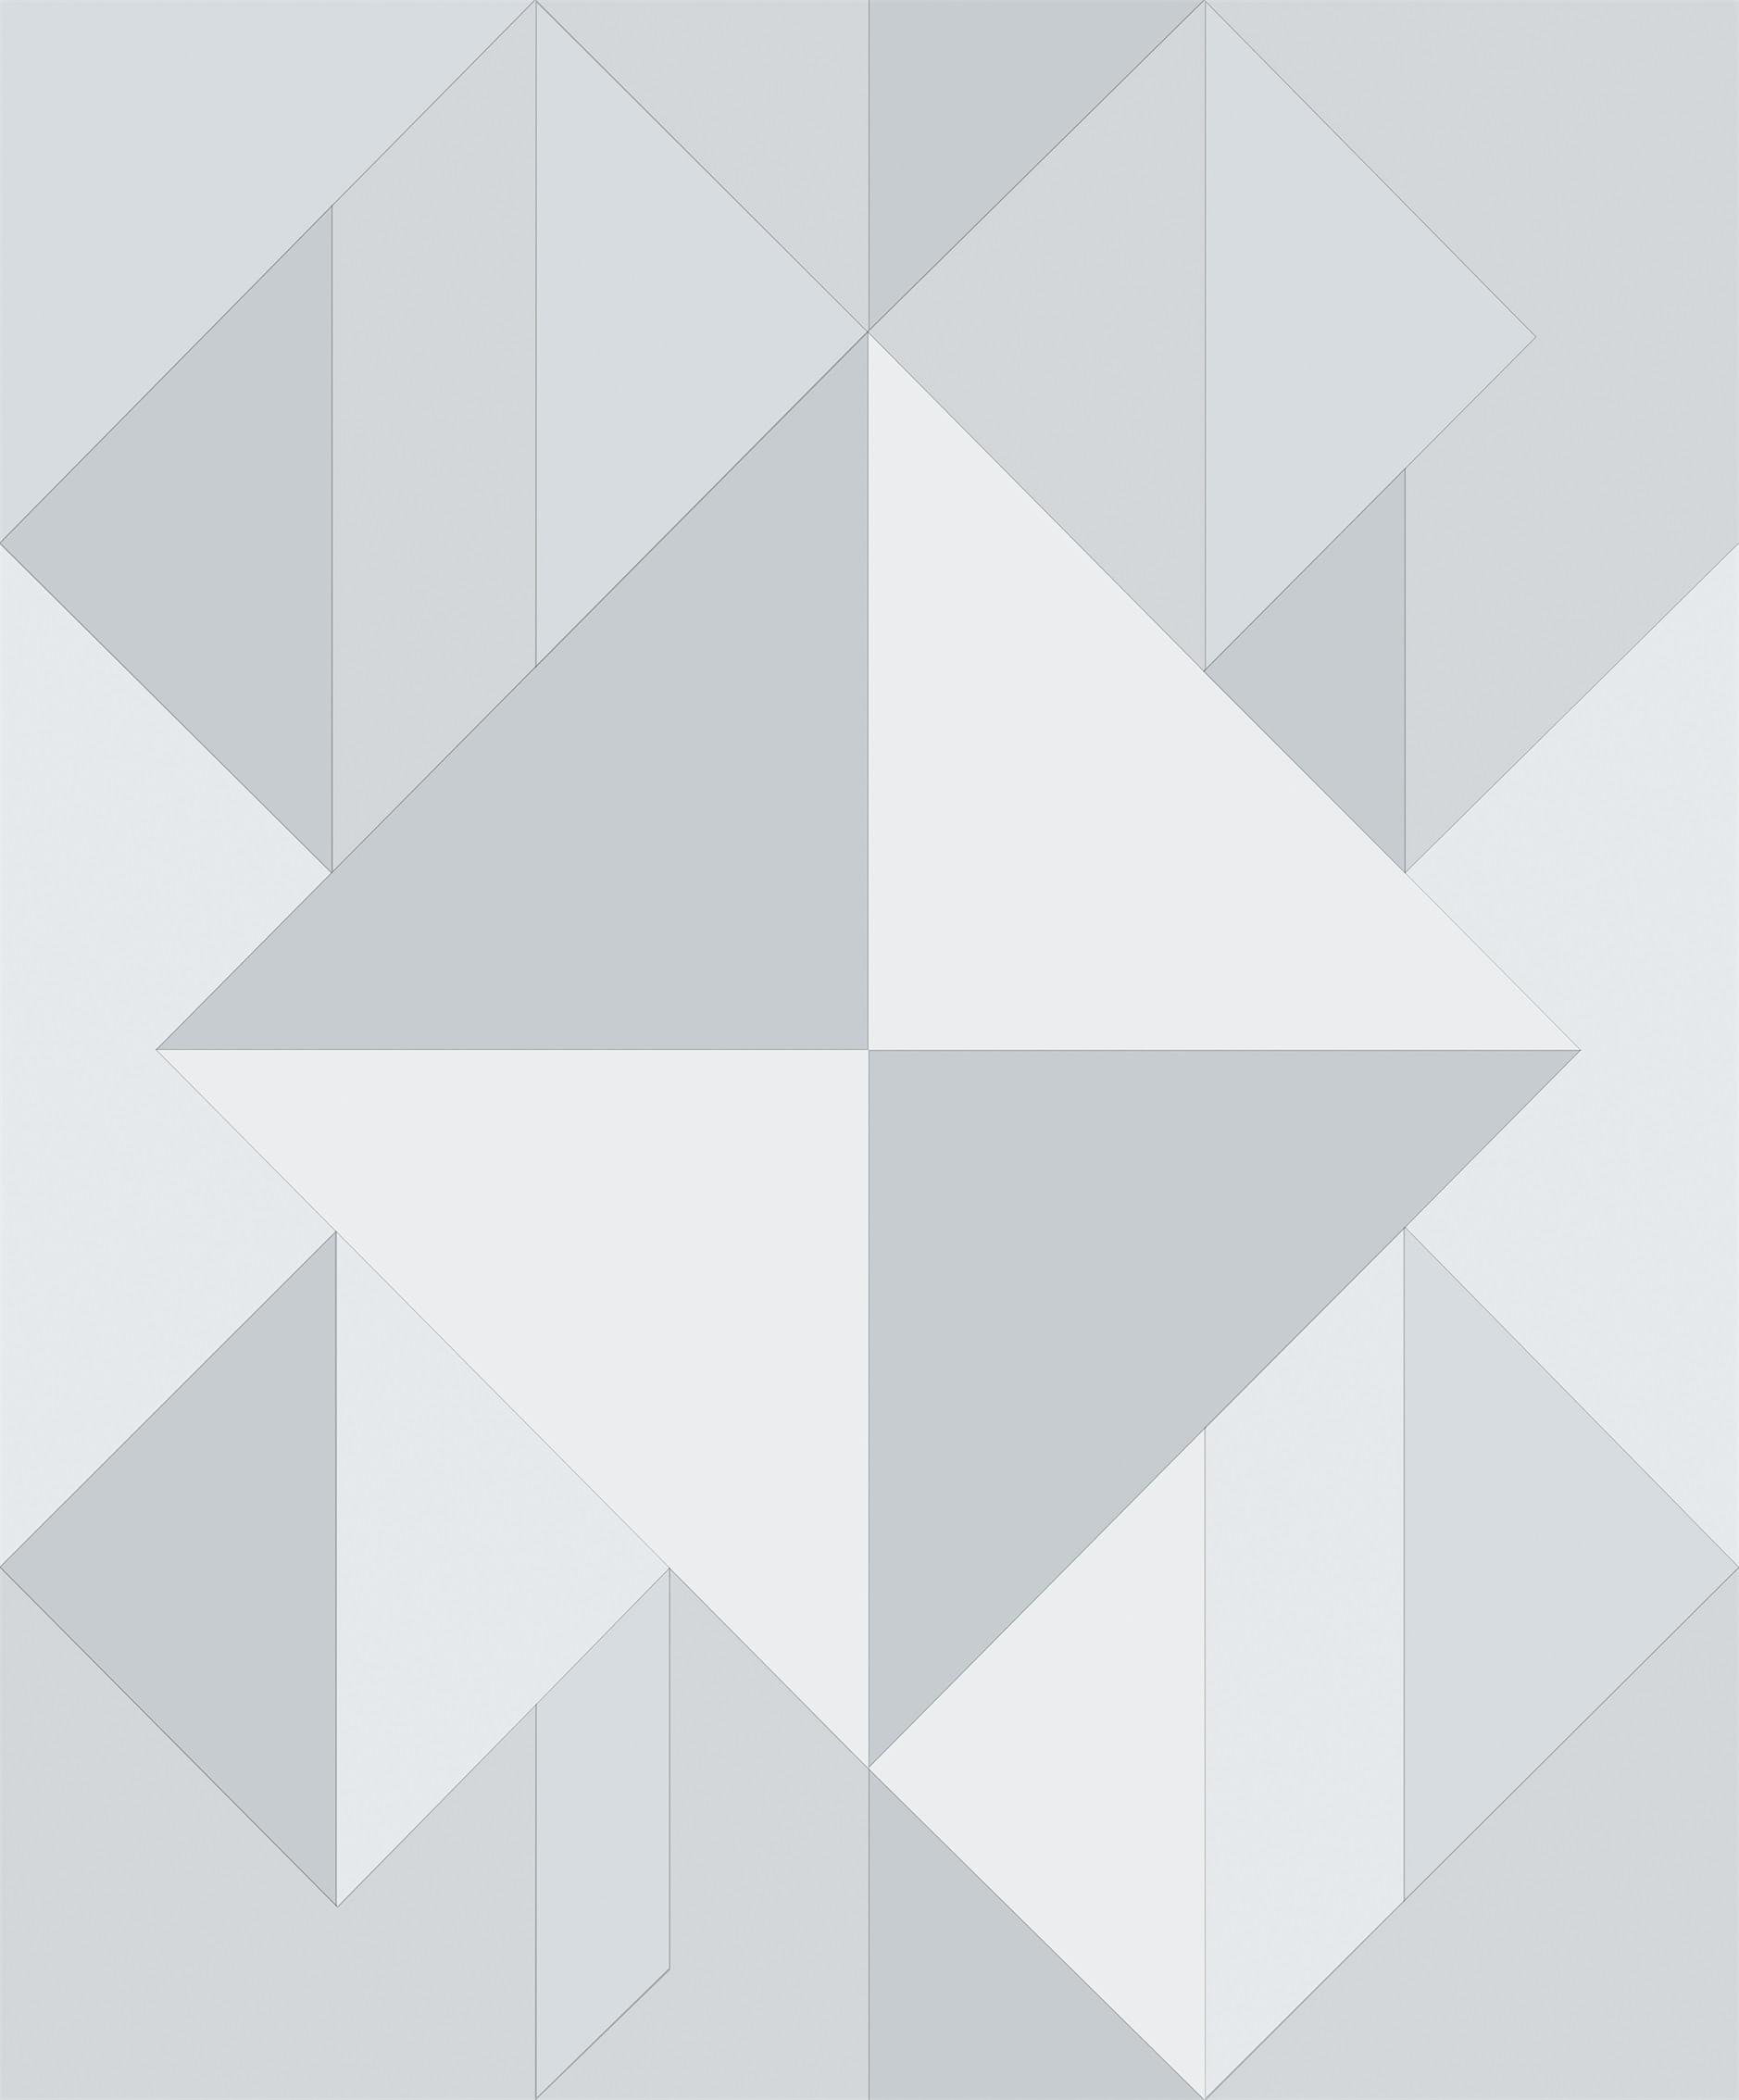 Papel de Parede Modern Maison Geometrico MM558102 - Rolo: 10m x 0,52m